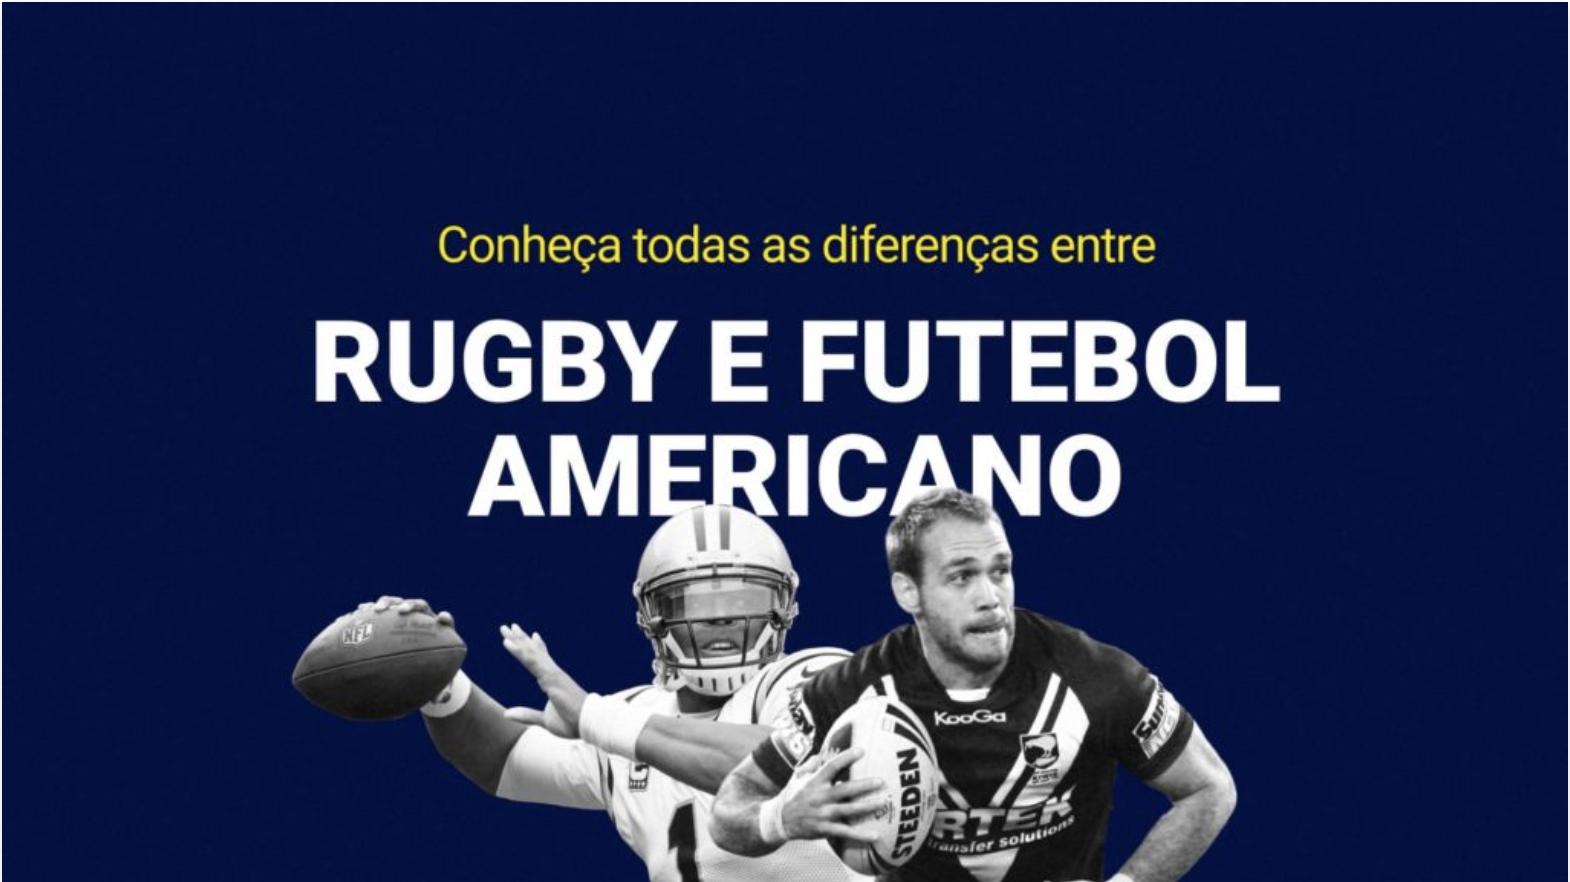 Conheca Todas As Diferencas Entre Rugby E Futebol Americano Futebol Americano Rugby Futebol